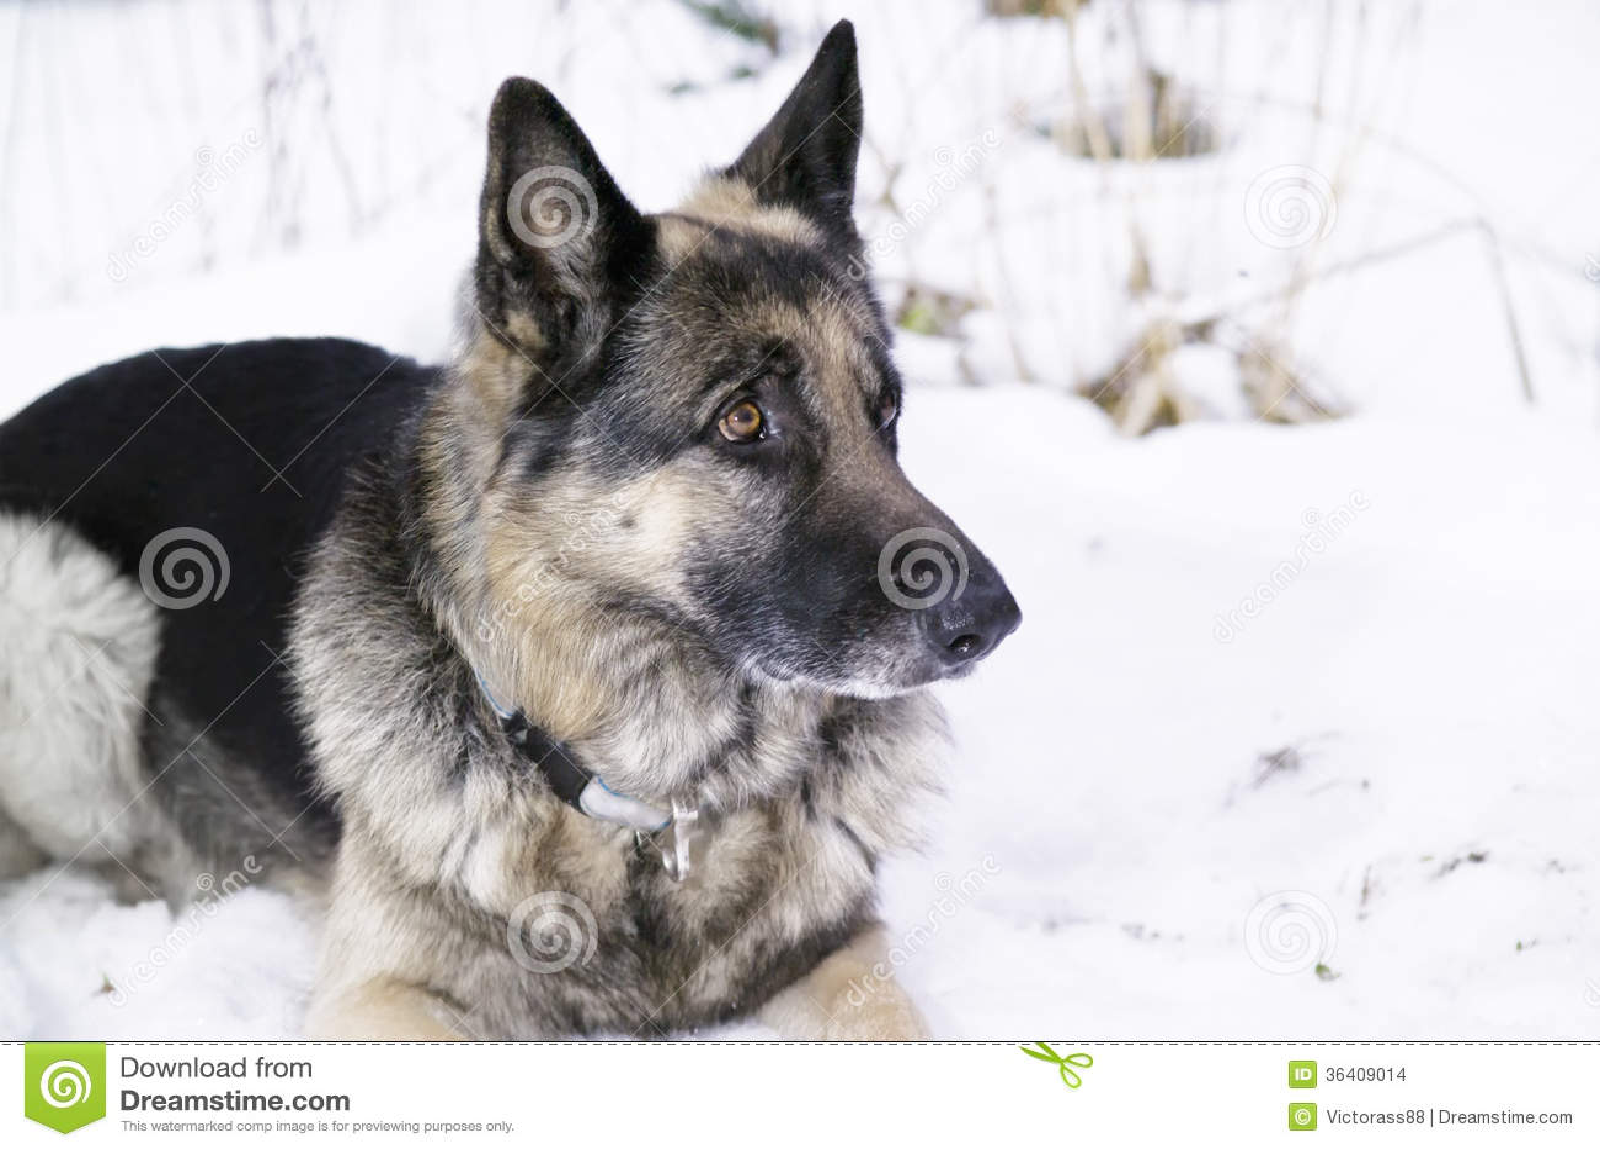 Shepherd Dog Stock Images - Image: 36409014